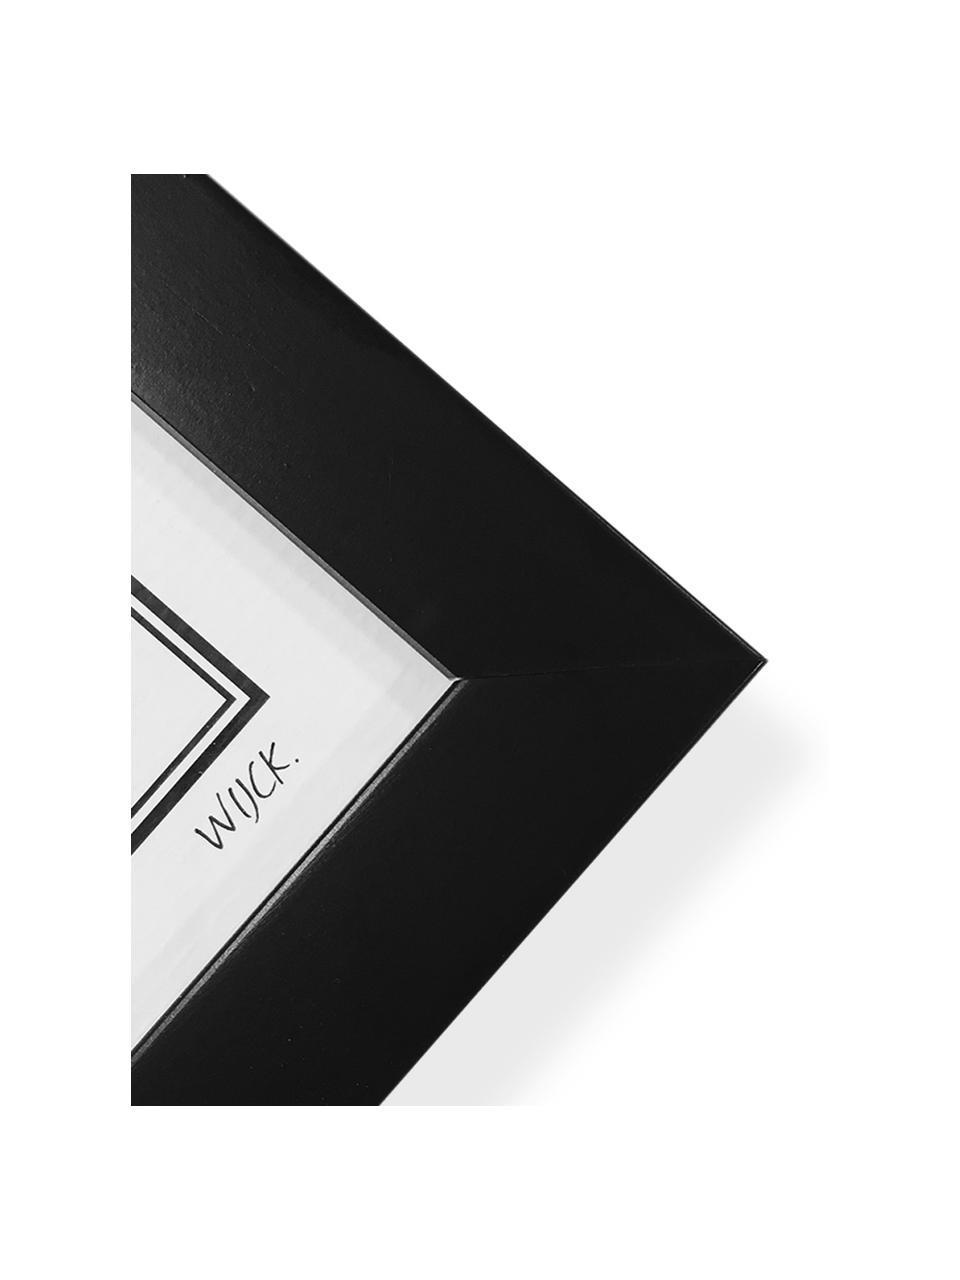 Stampa digitale incorniciata Amsterdam, Immagine: stampa digitale su carta , Cornice: legno verniciato, Immagine: nero, bianco Cornice: nero opaco, Larg. 40 x Alt. 50 cm